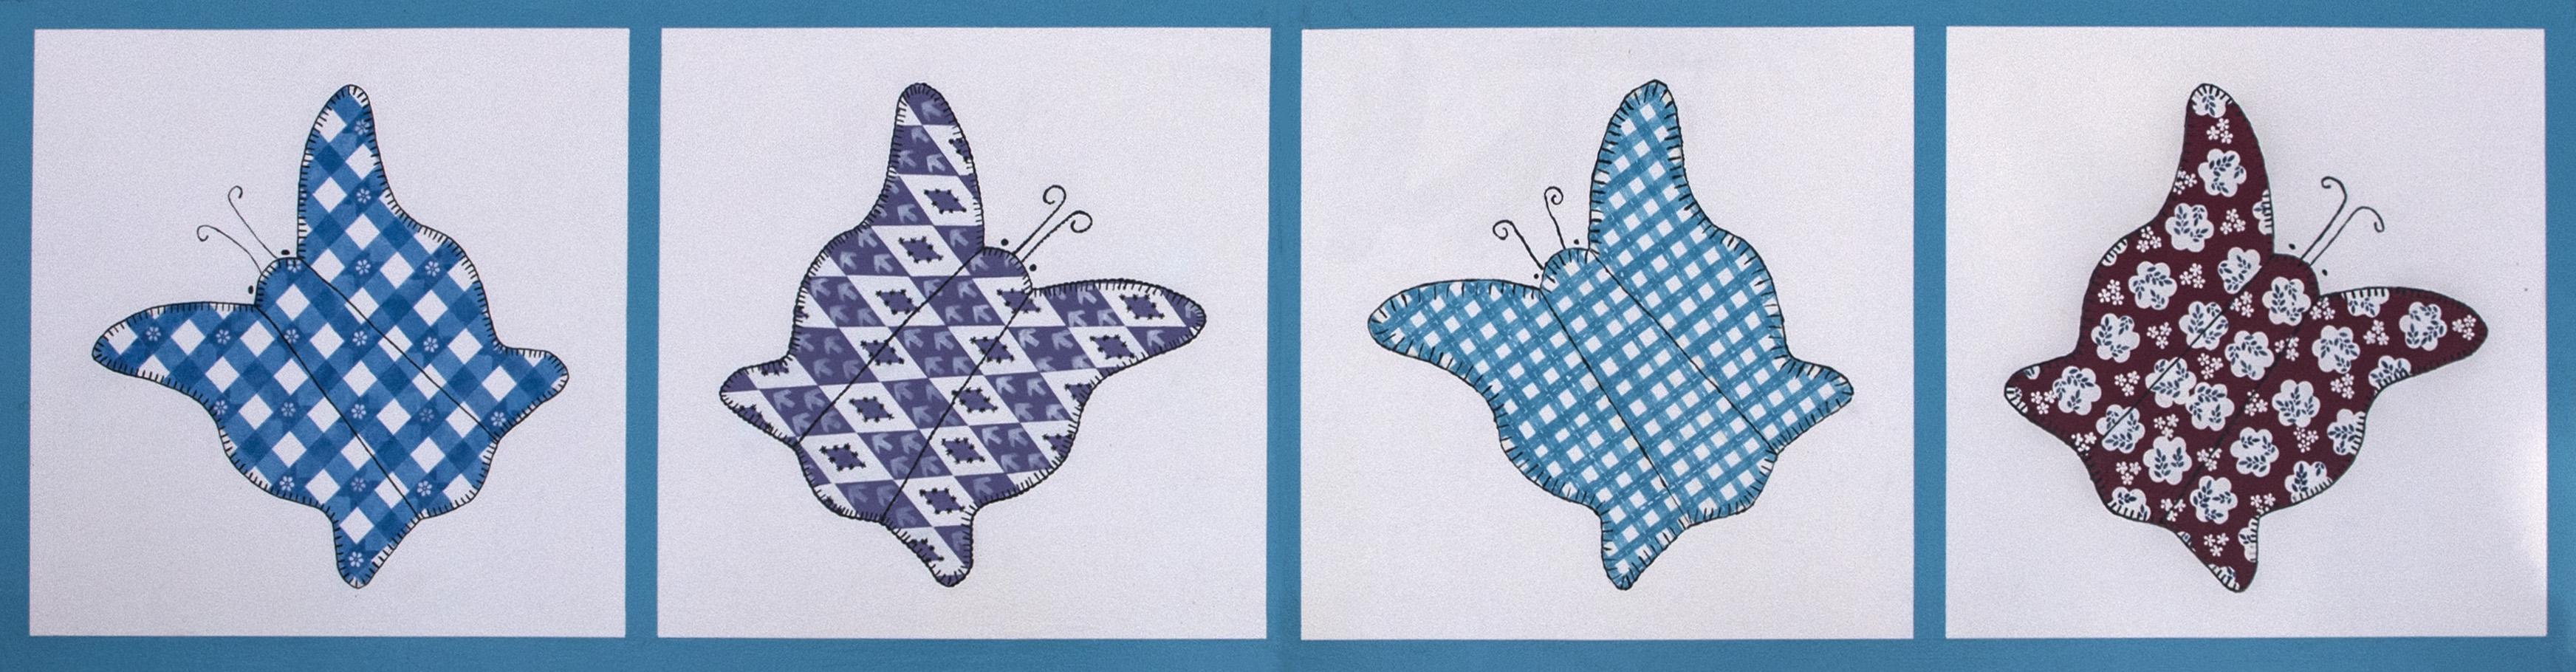 27. Butterflies